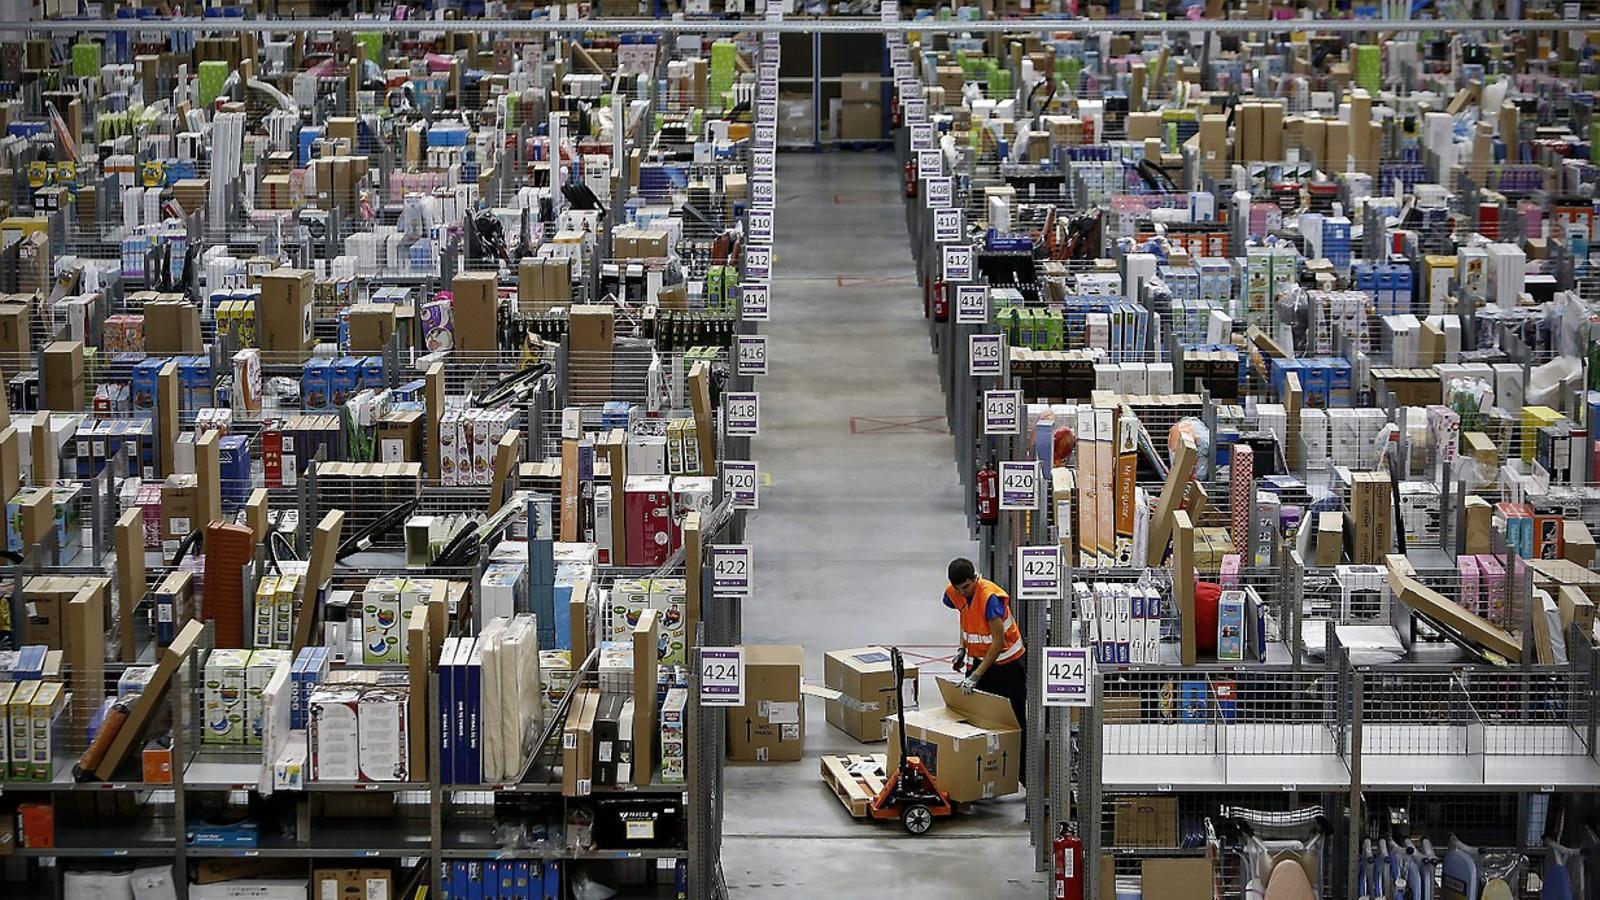 Marxa enrere d'Amazon: la companyia renuncia a obrir la seu a Nova York davant les crítiques rebudes